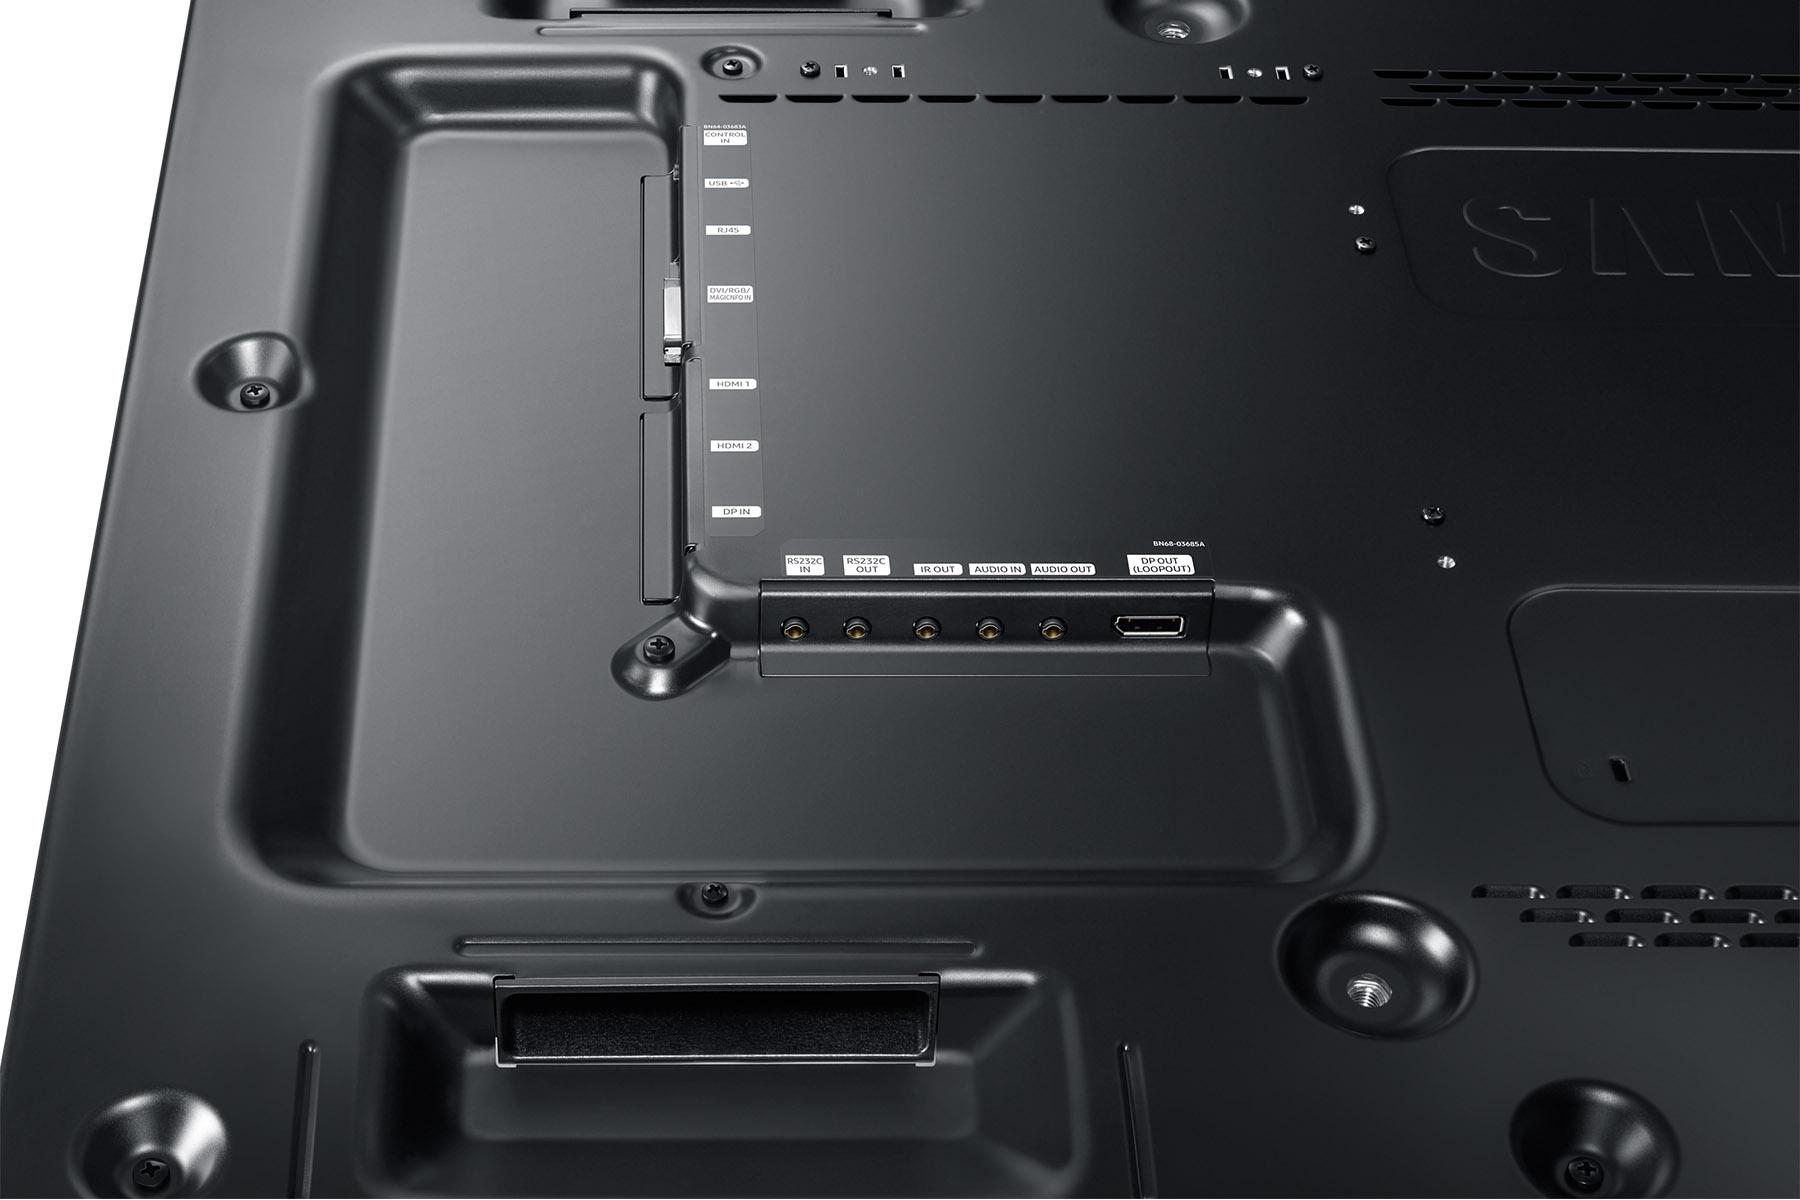 Samsung UH46F5 (Neuware) kaufen d